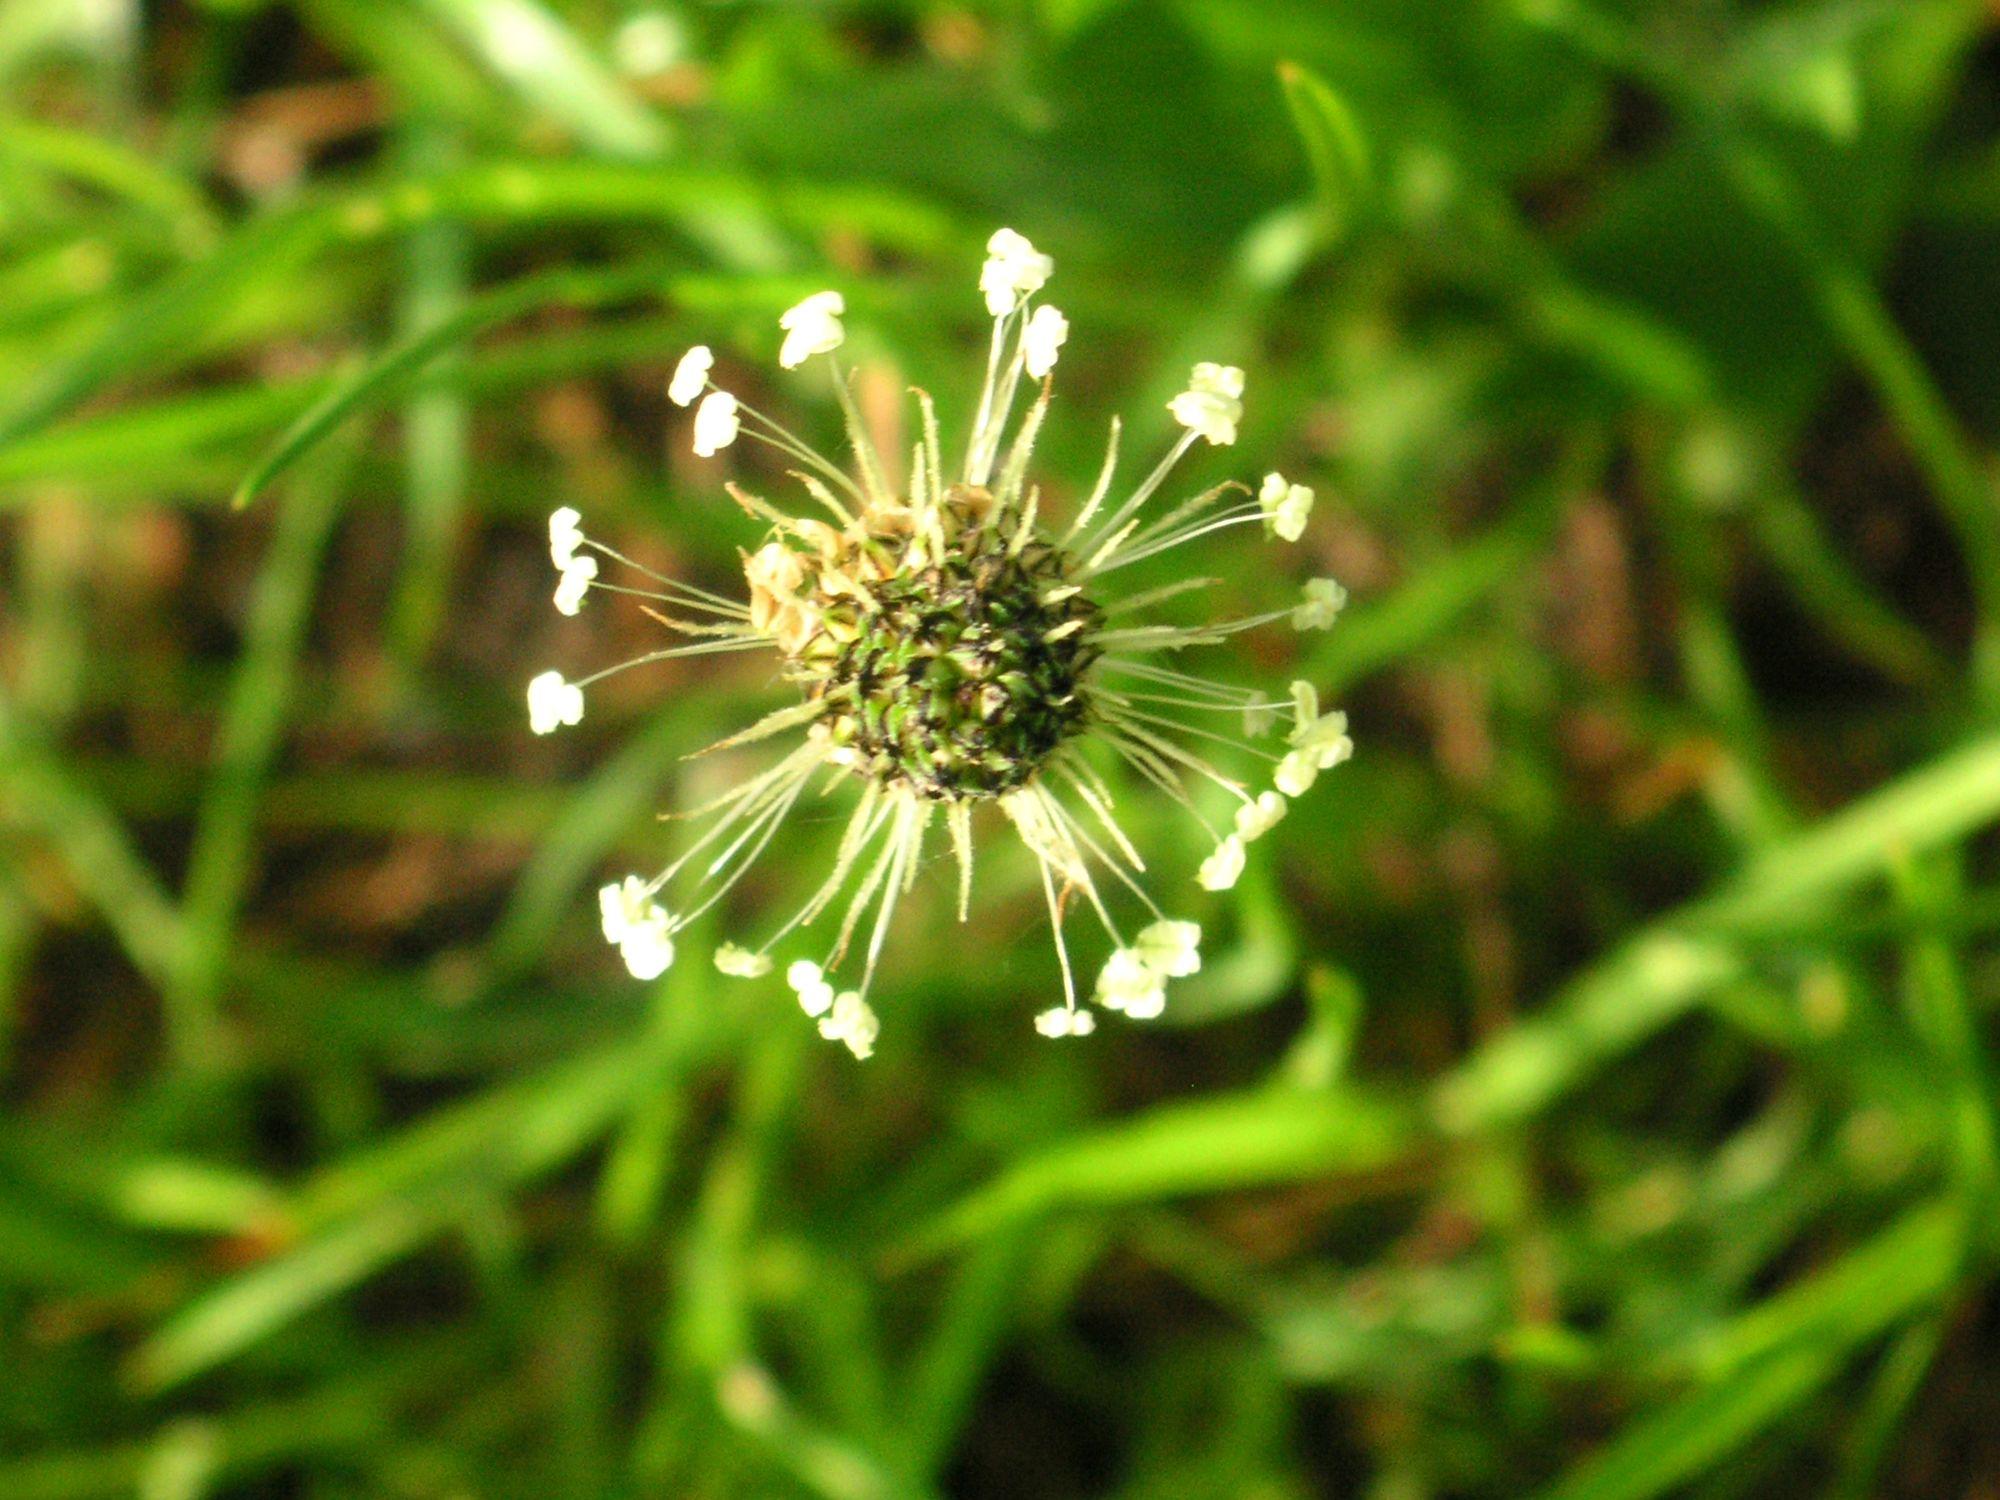 Bild mit Natur, Pflanzen, Pflanzen, Gräser, Blumen, Blume